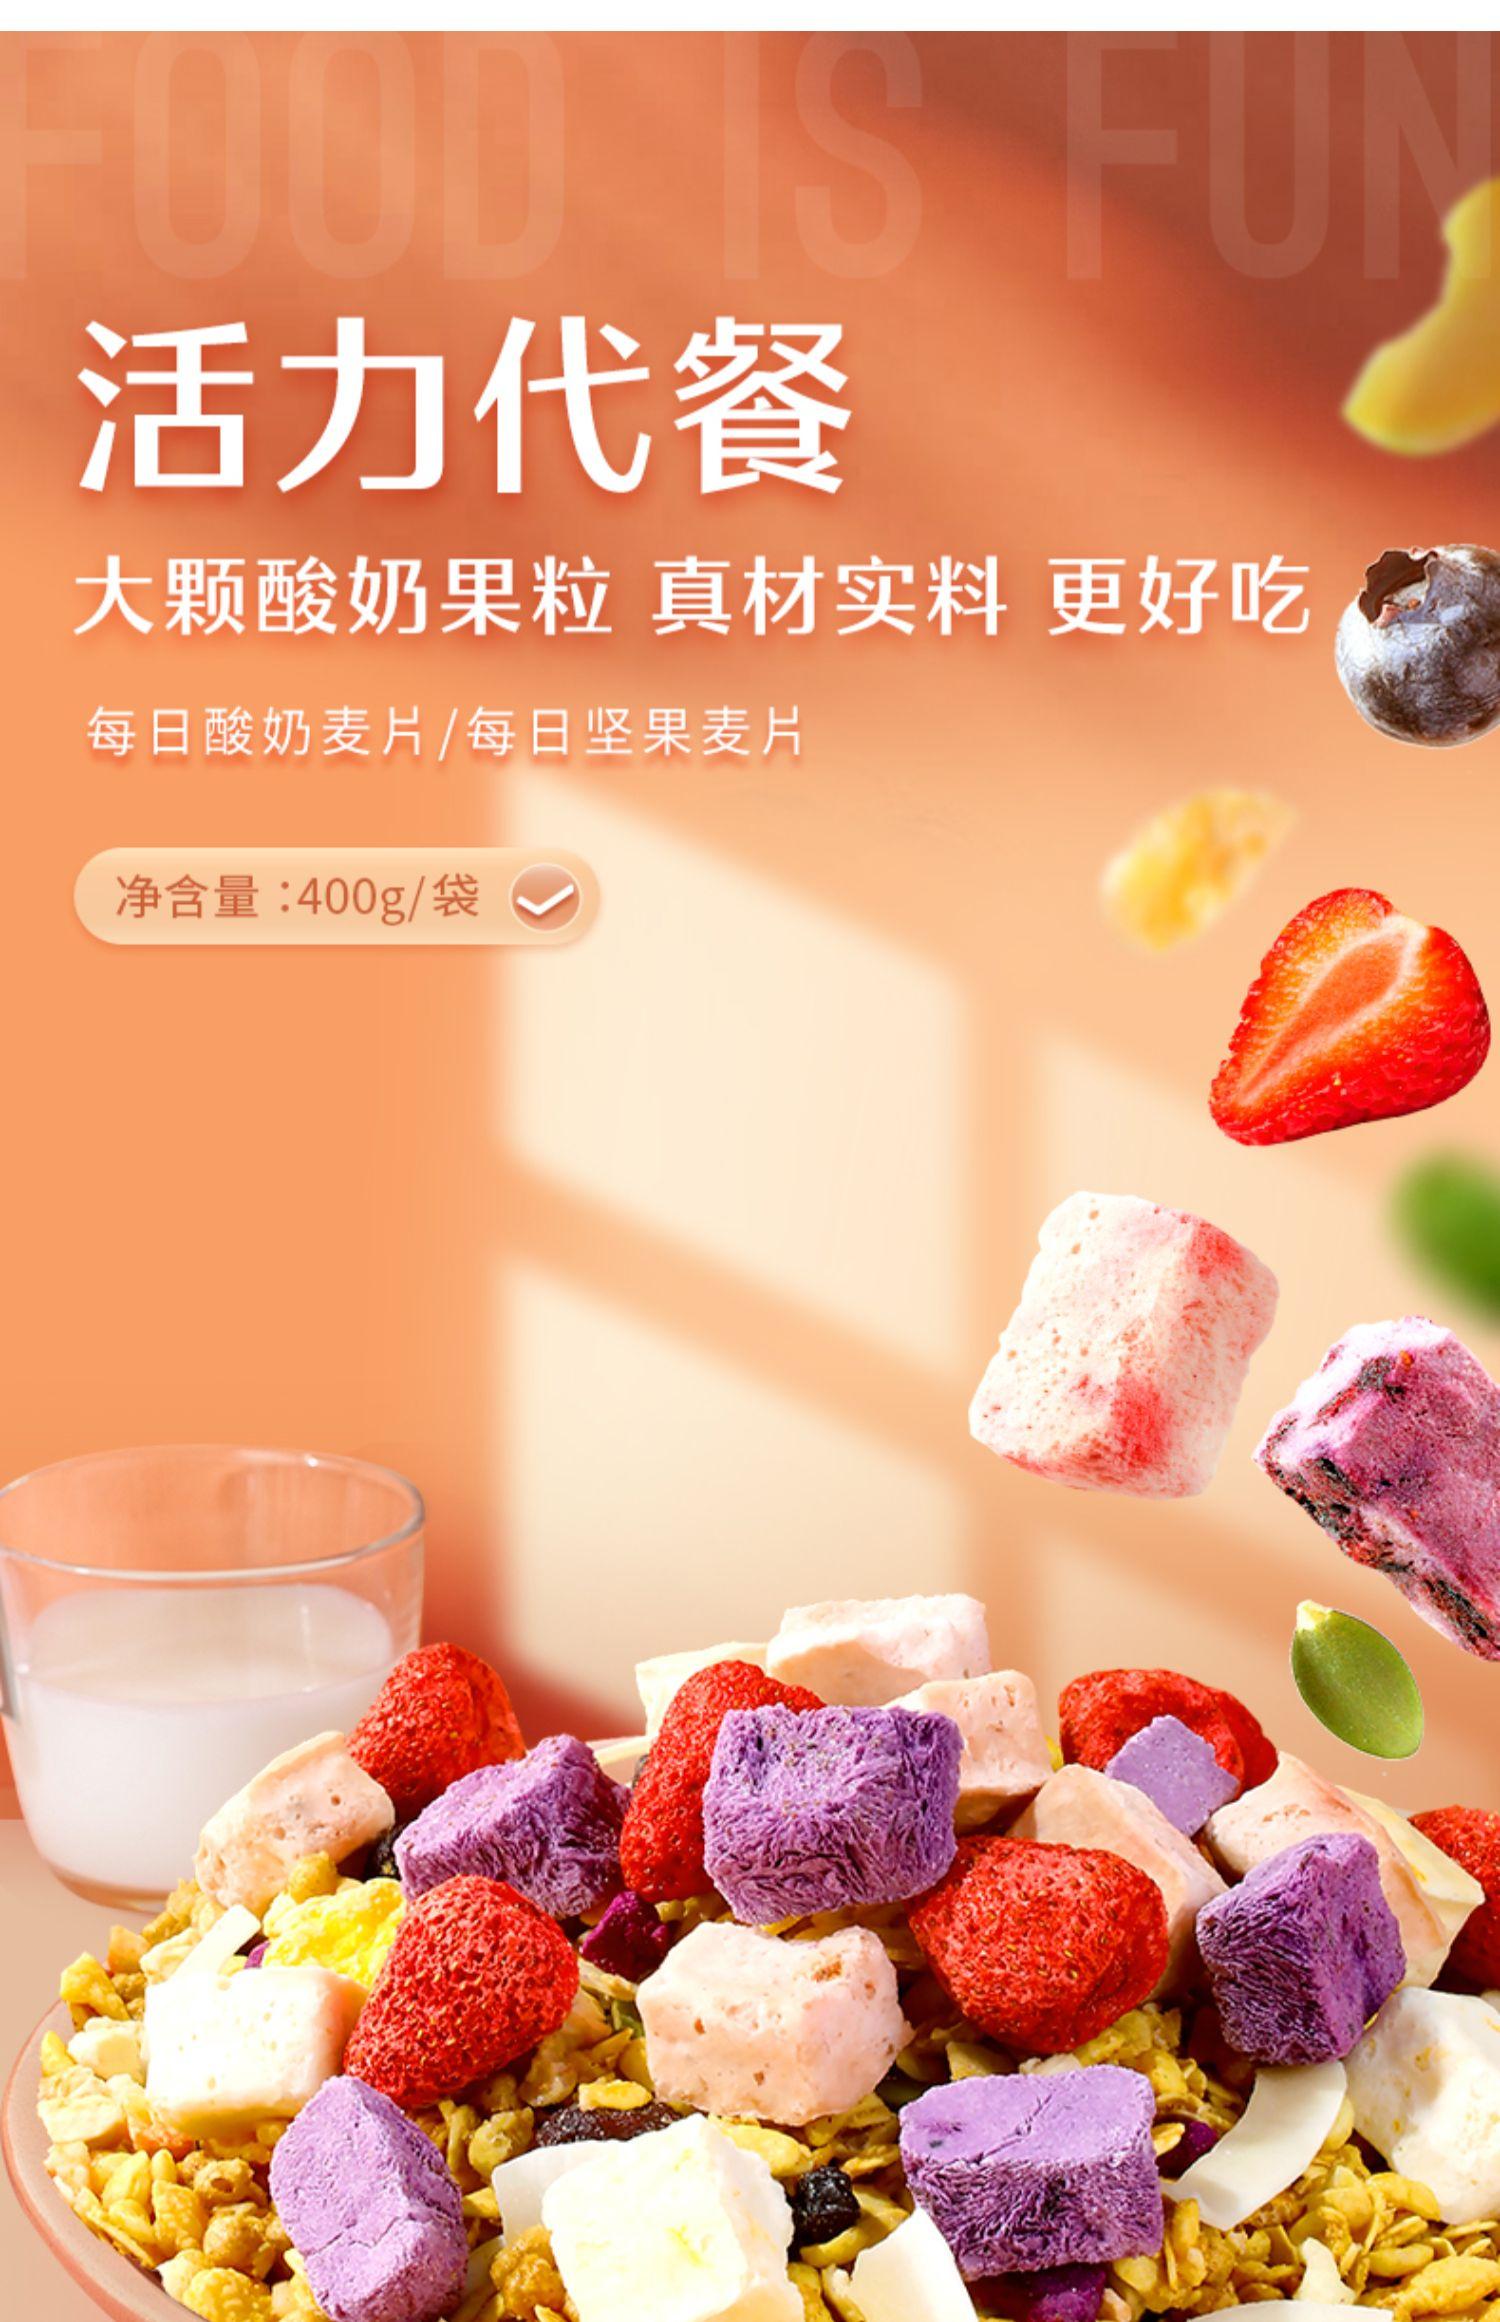 半价!良品铺子坚果酸奶麦片400g1